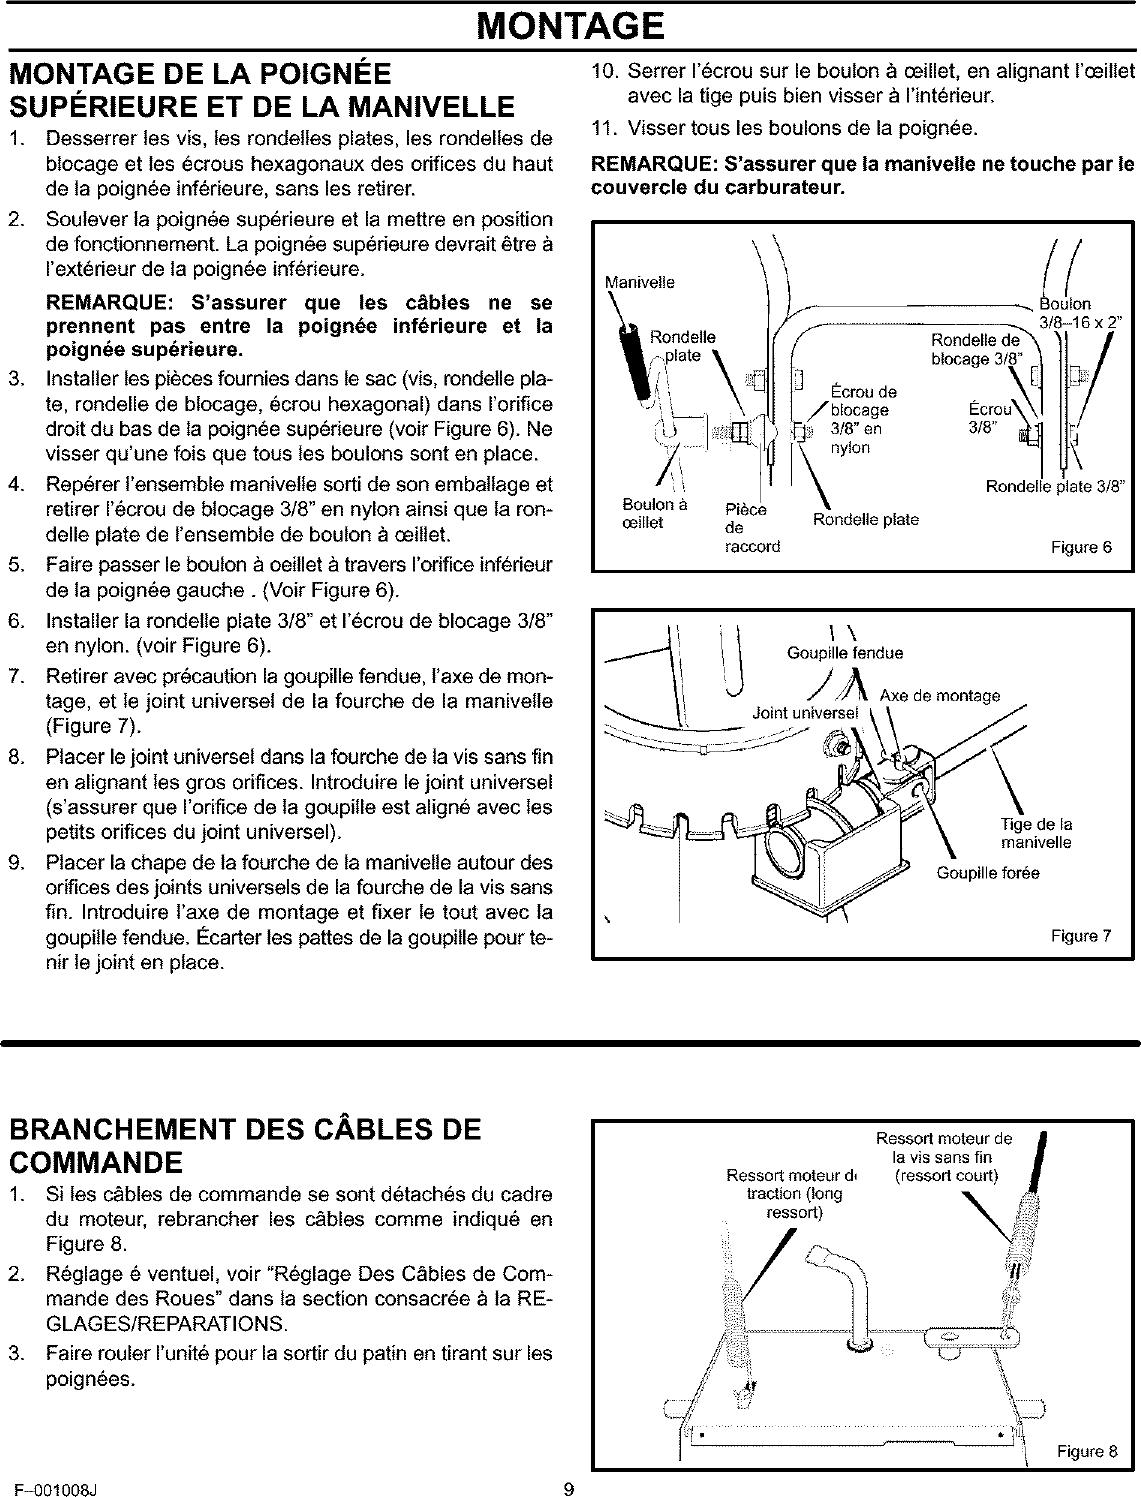 Finnabair caractéristiques mécaniques métal Embellissements-Barn étoiles 5//pkg